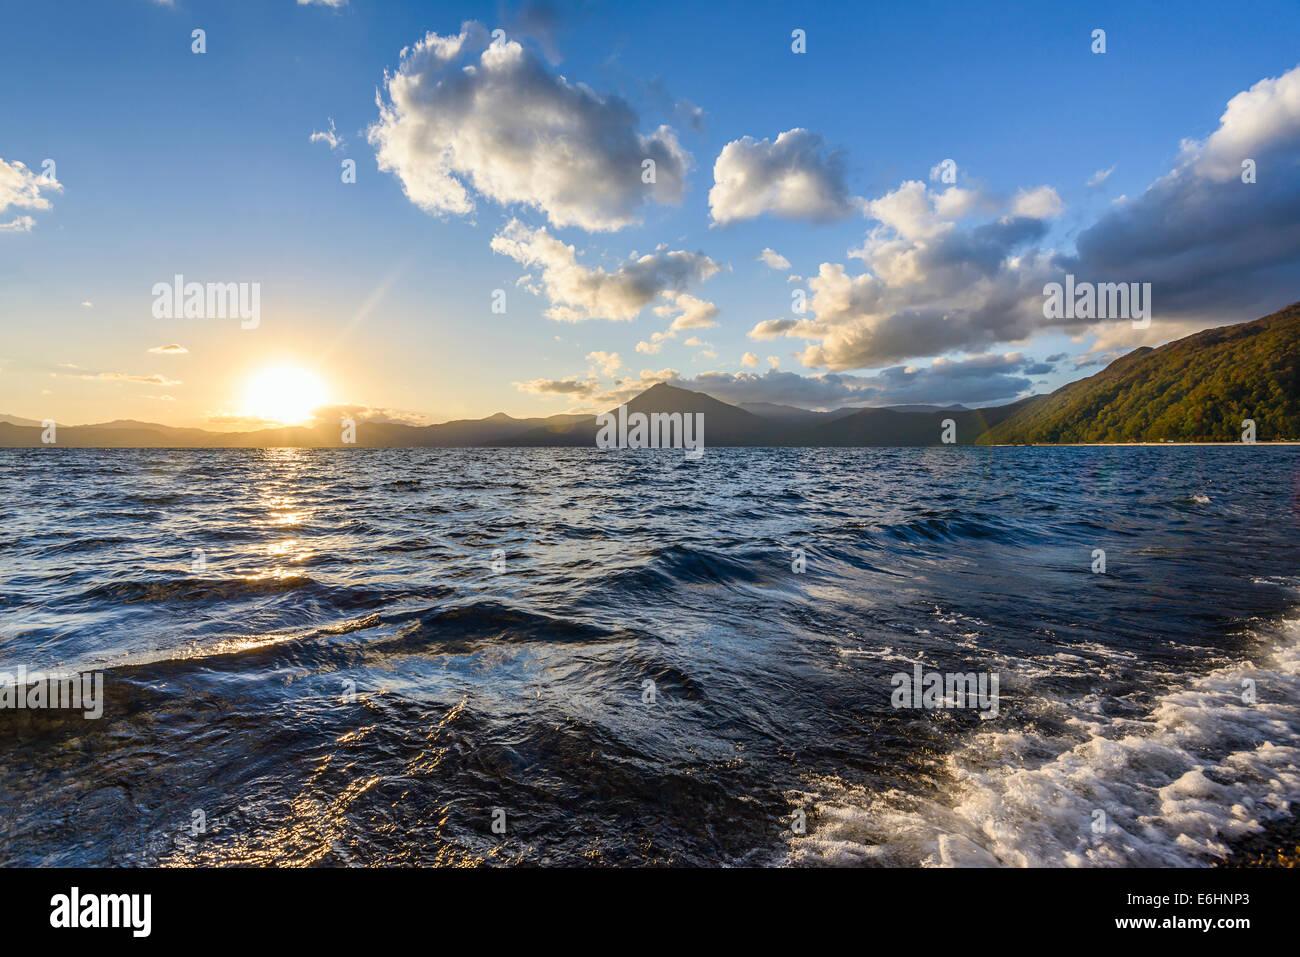 Lake Shikotsu at sunset in Hokkaido, Japan. - Stock Image